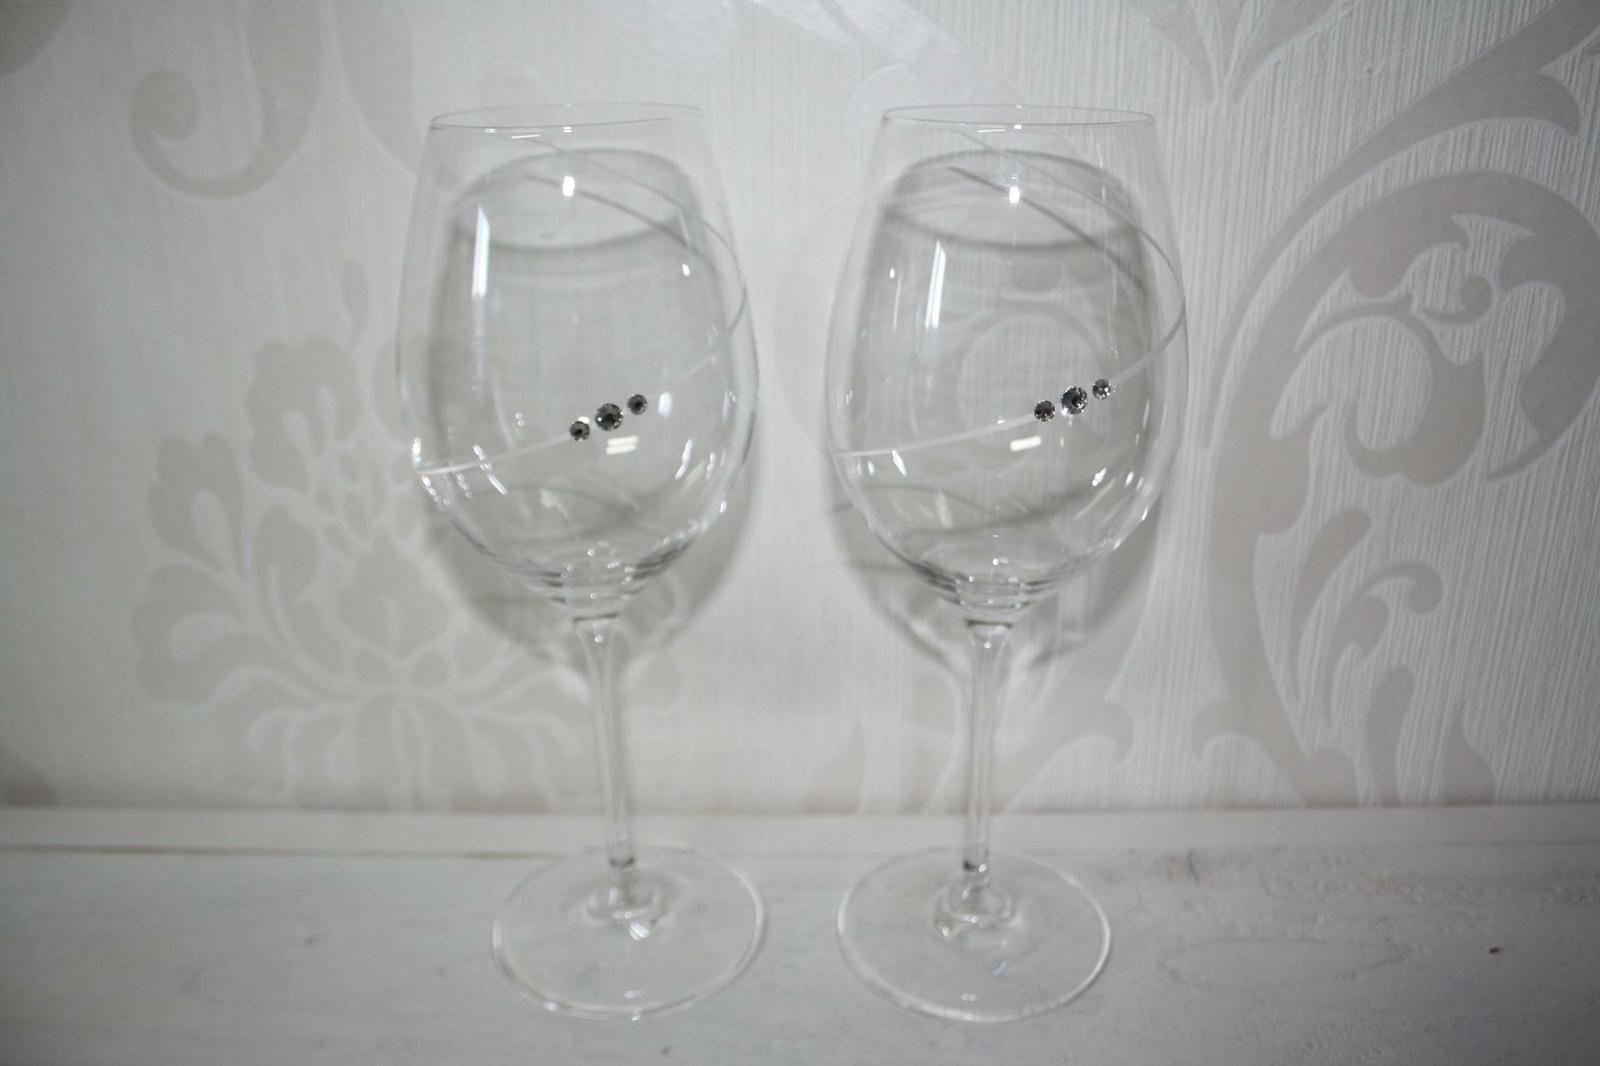 Svadobné poháre so Swarovski kamienkami - Obrázok č. 1